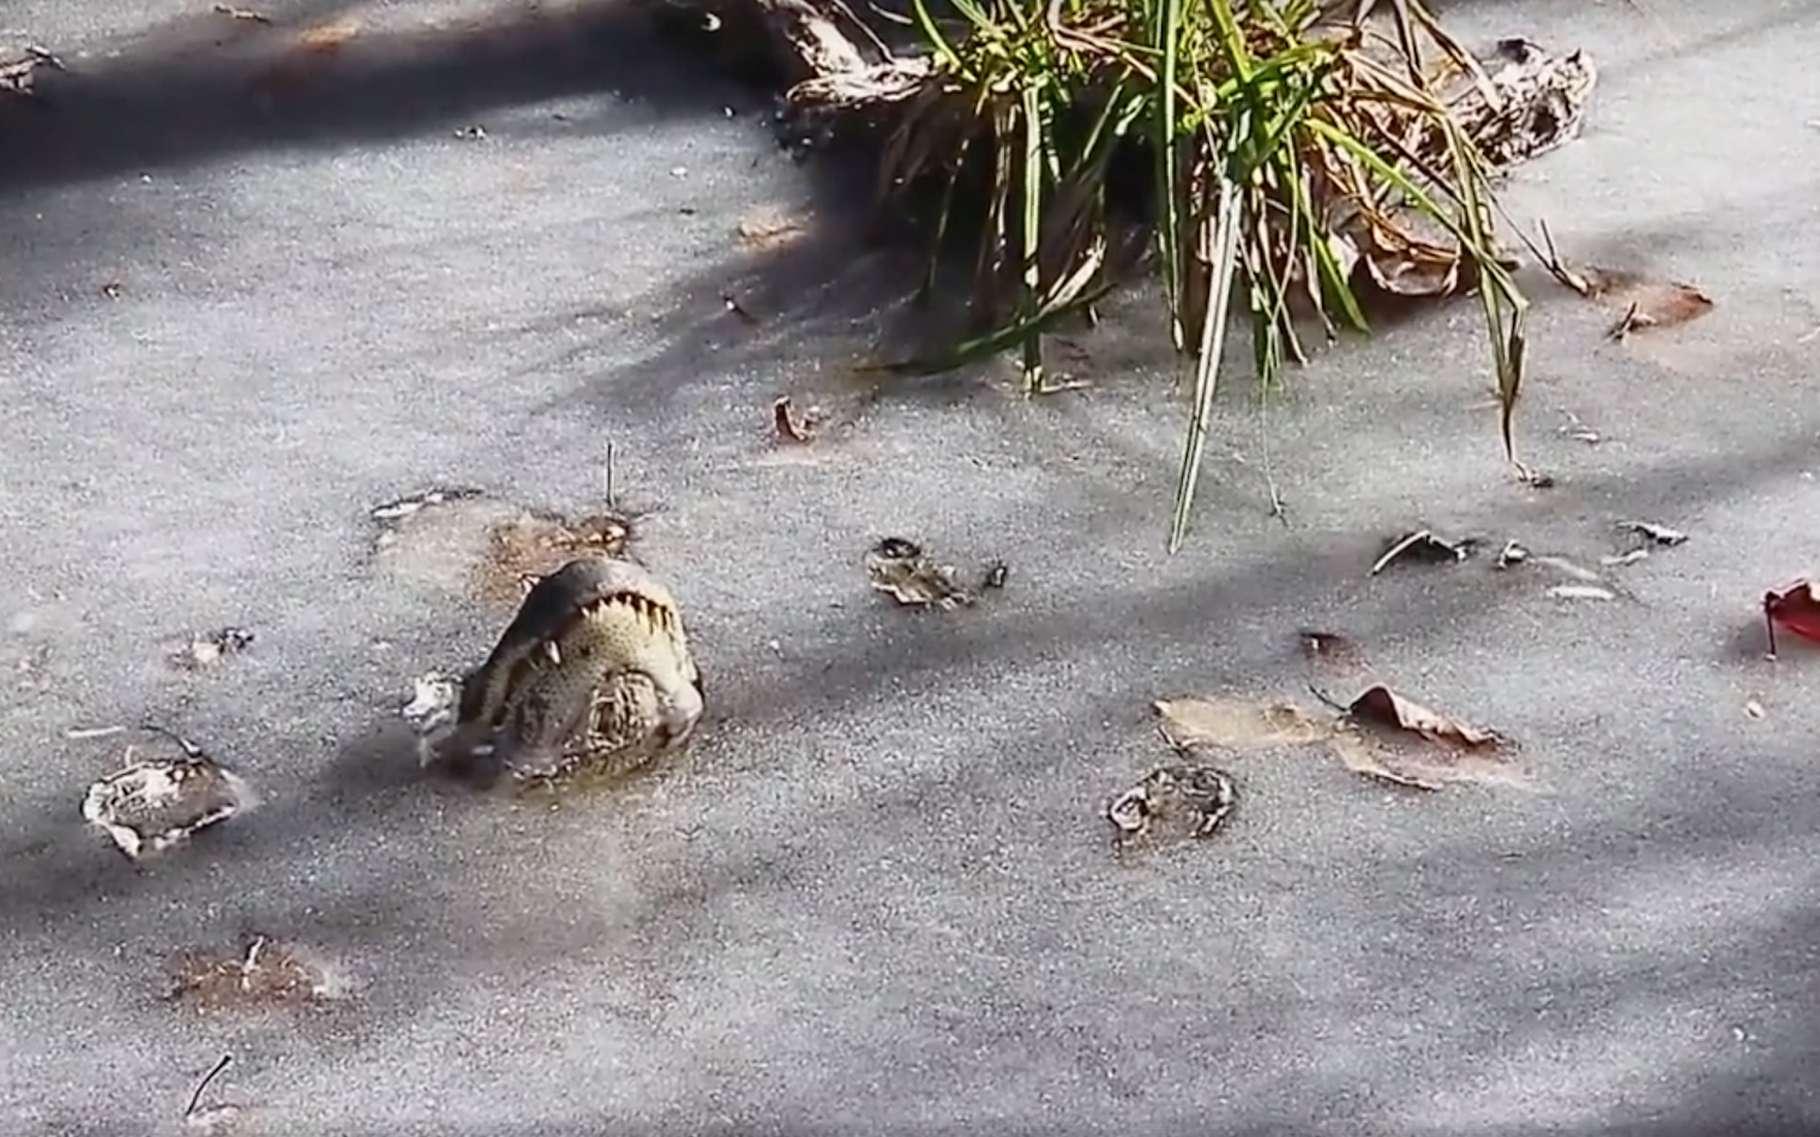 En Caroline du Nord, des alligators se sont laissés prendre au piège de l'eau glacée dans une bien étrange position. Leur stratégie pour survire à la vague de froid : la brumation. © Shallotte River Swamp Park, Facebook